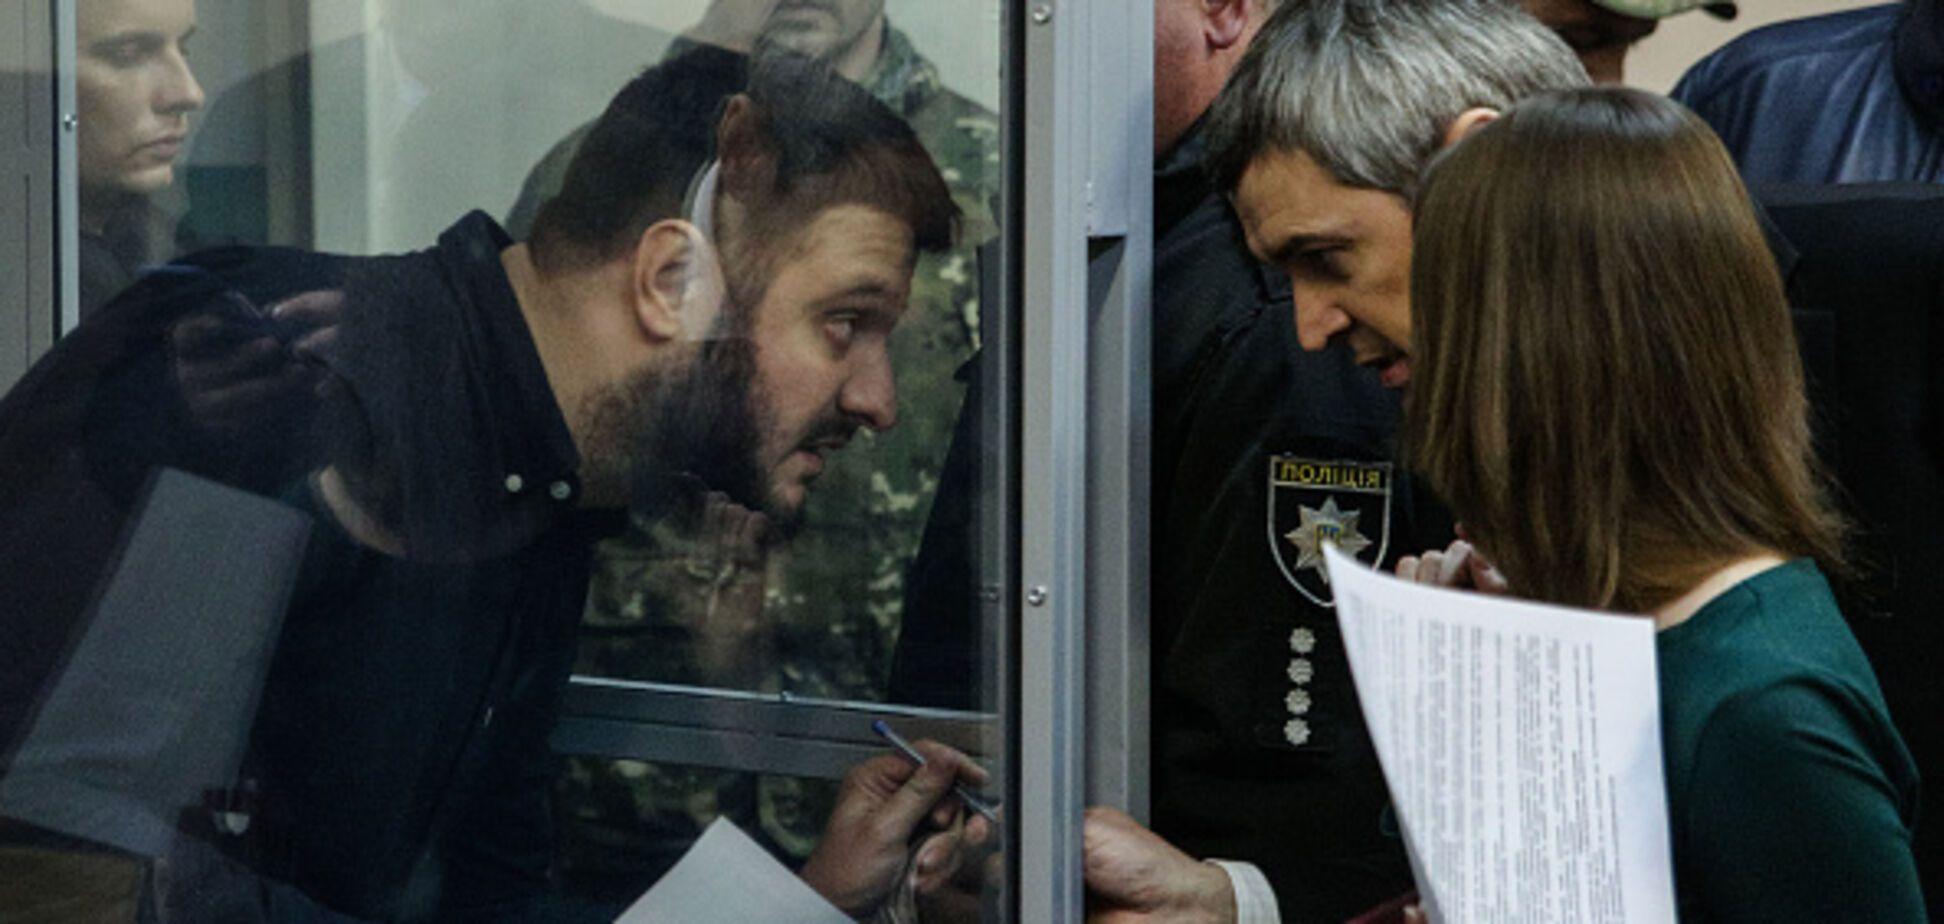 Был даже Яценюк: сына Авакова засекли в МВД сразу после освобождения